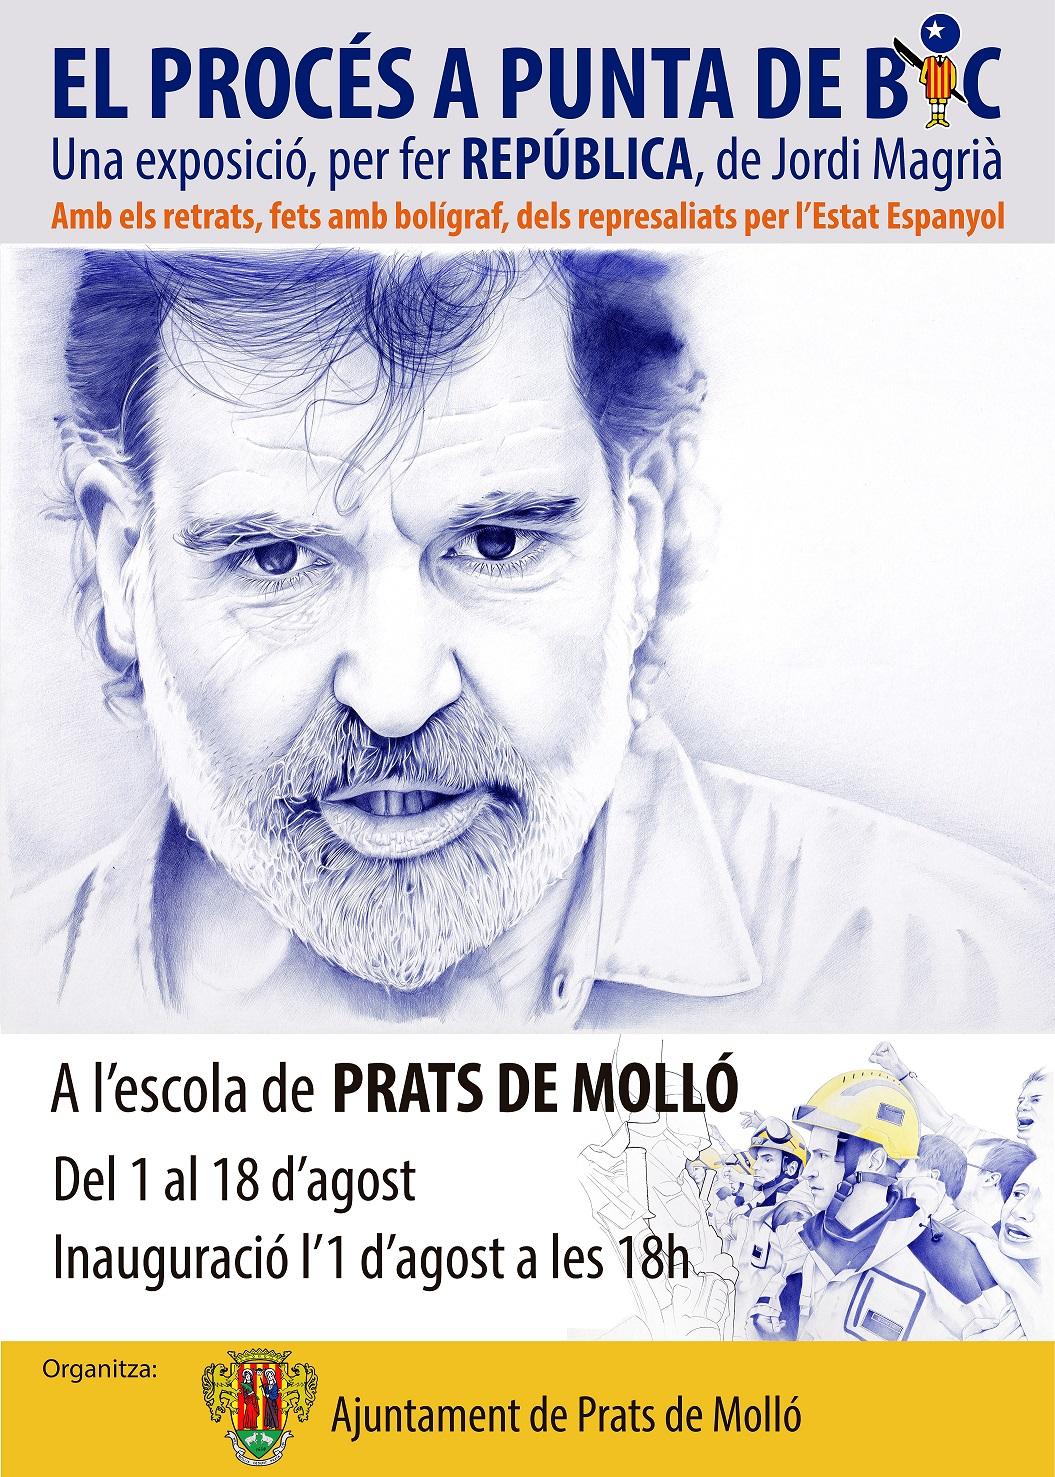 Inauguration de l'exposition Llibertat et les dessins de Jordi Magrià